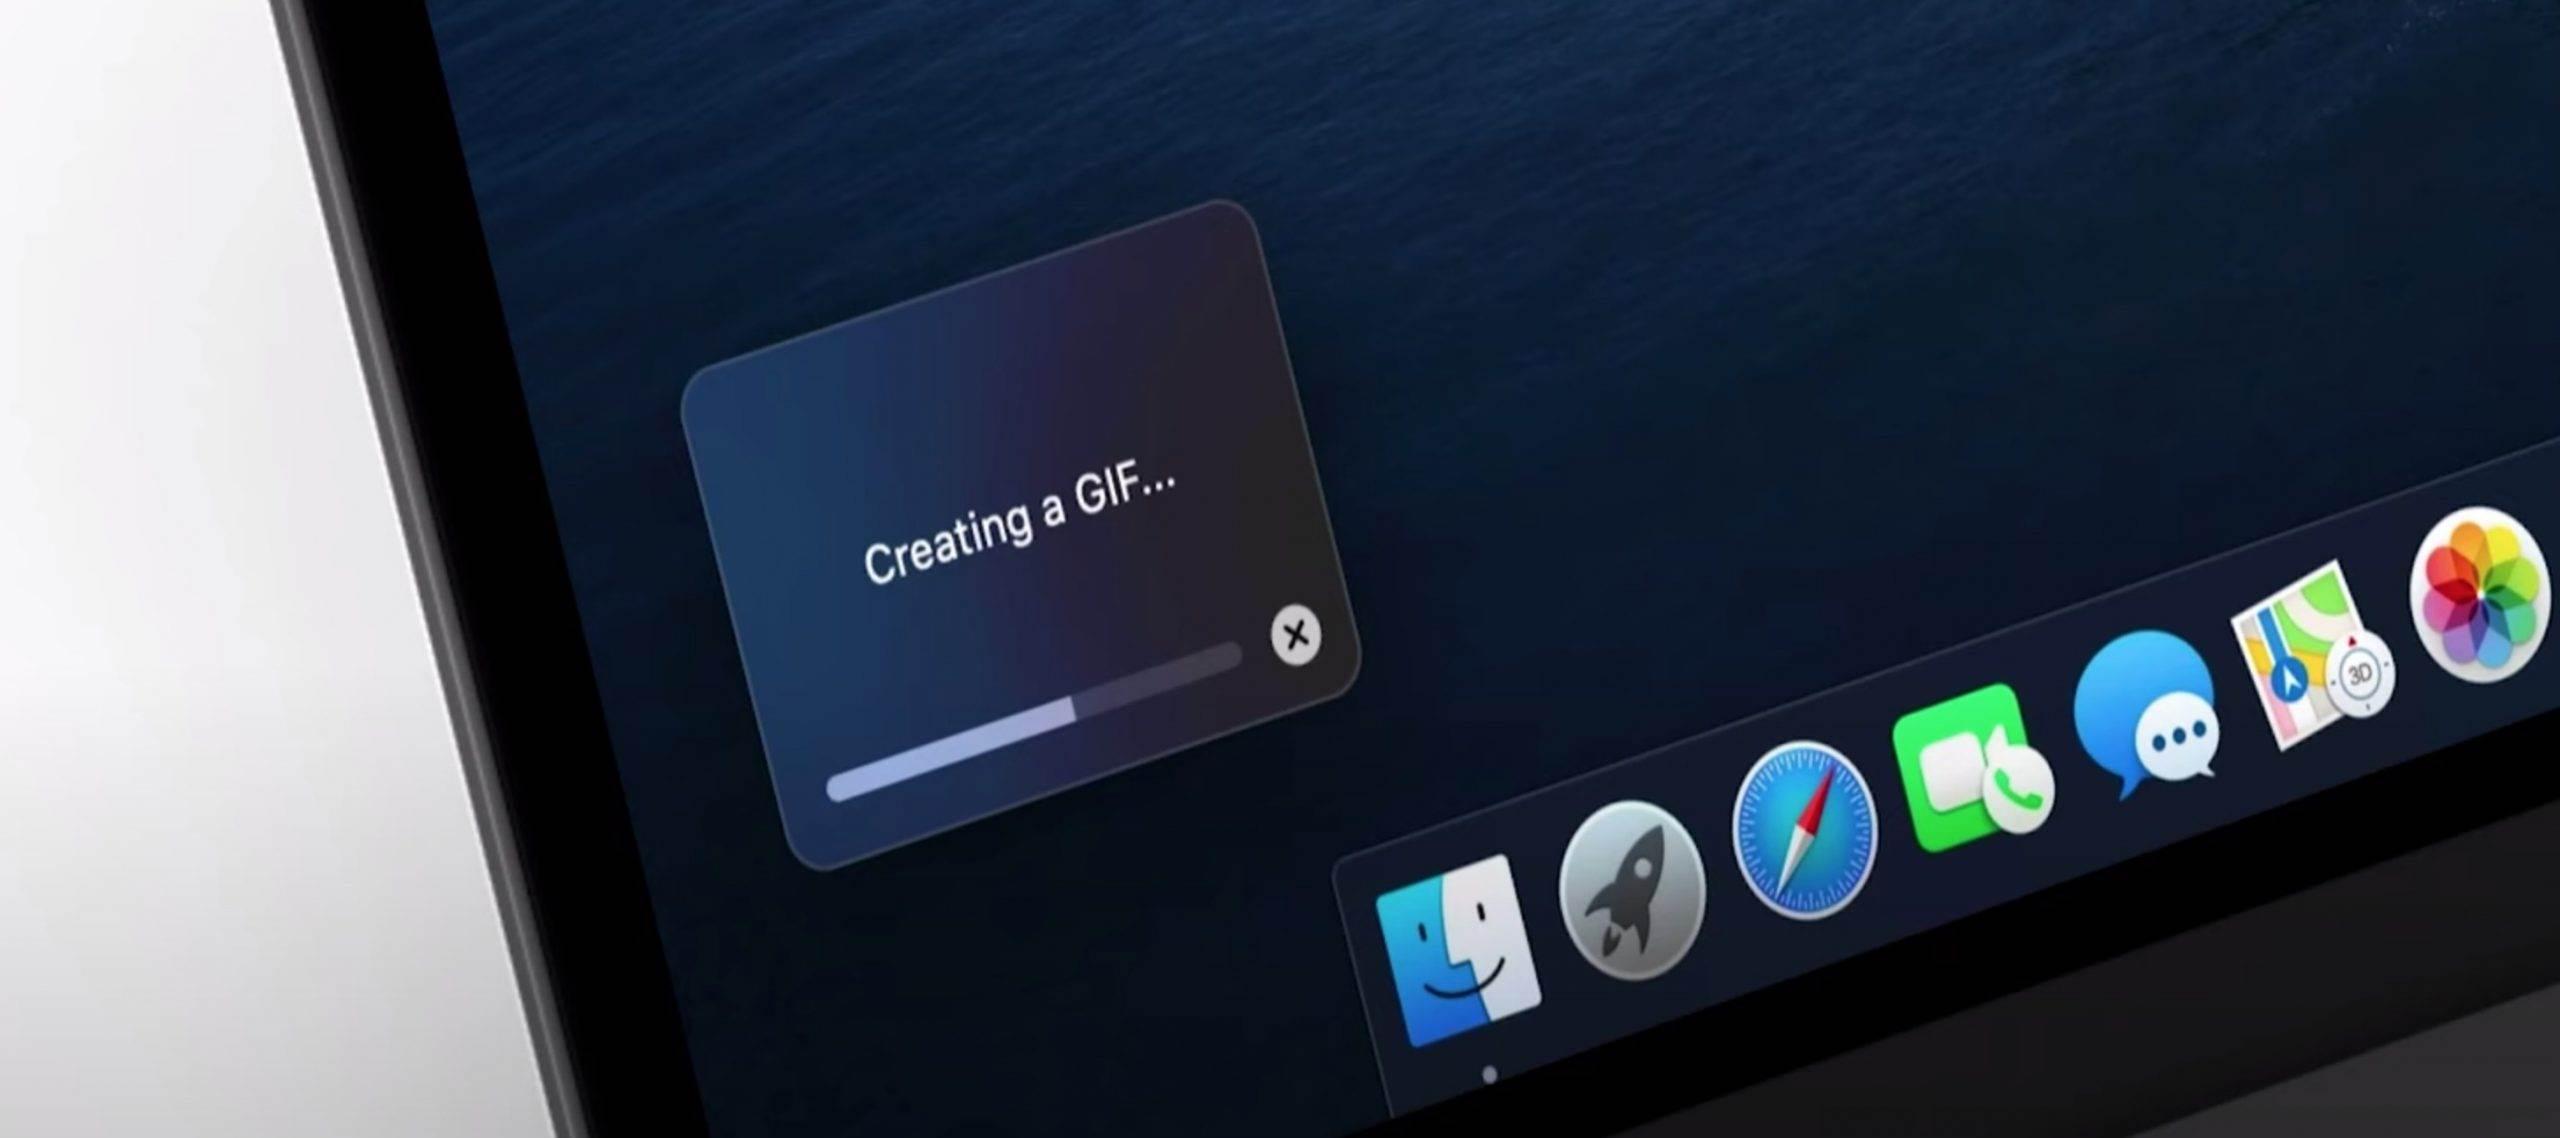 CleanShot X - zrzuty i nagrania ekranu na wyższym poziomie recenzje, polecane, ciekawostki Wideo, Recenzja, program do zrzutów ekranu, download, CleanShot X, Apple  macOS, a zwłaszcza dawny Mac OS X, zawsze kojarzył mi się ze stawianiem wyglądu programu przynajmniej na równi z jego funkcjonalnością. 1@2x 6 scaled